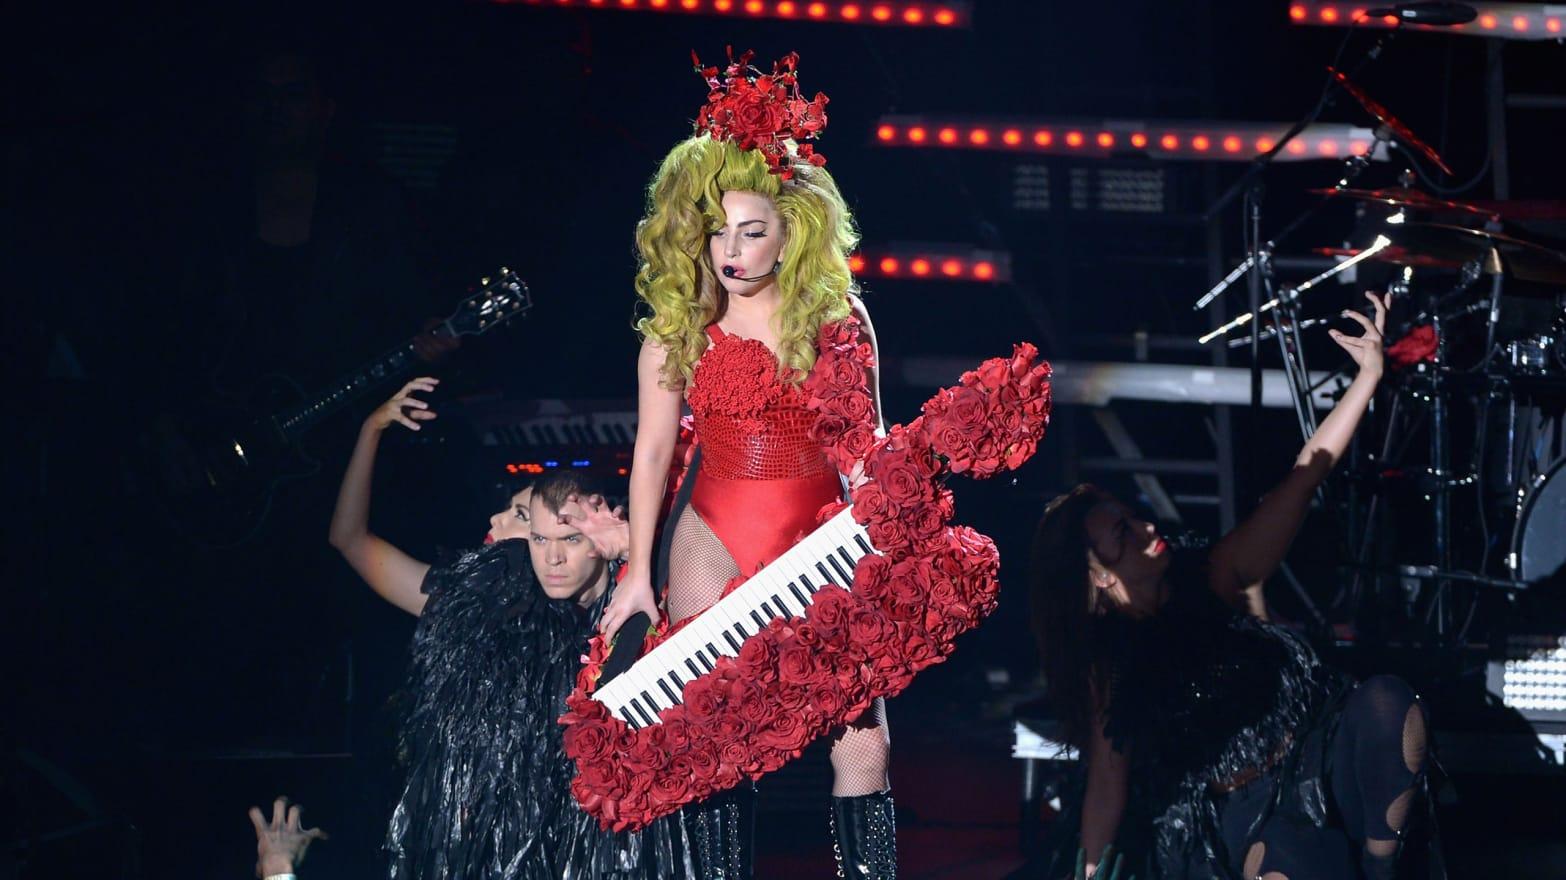 Paparazzi Photoshop Lady Gaga Photos